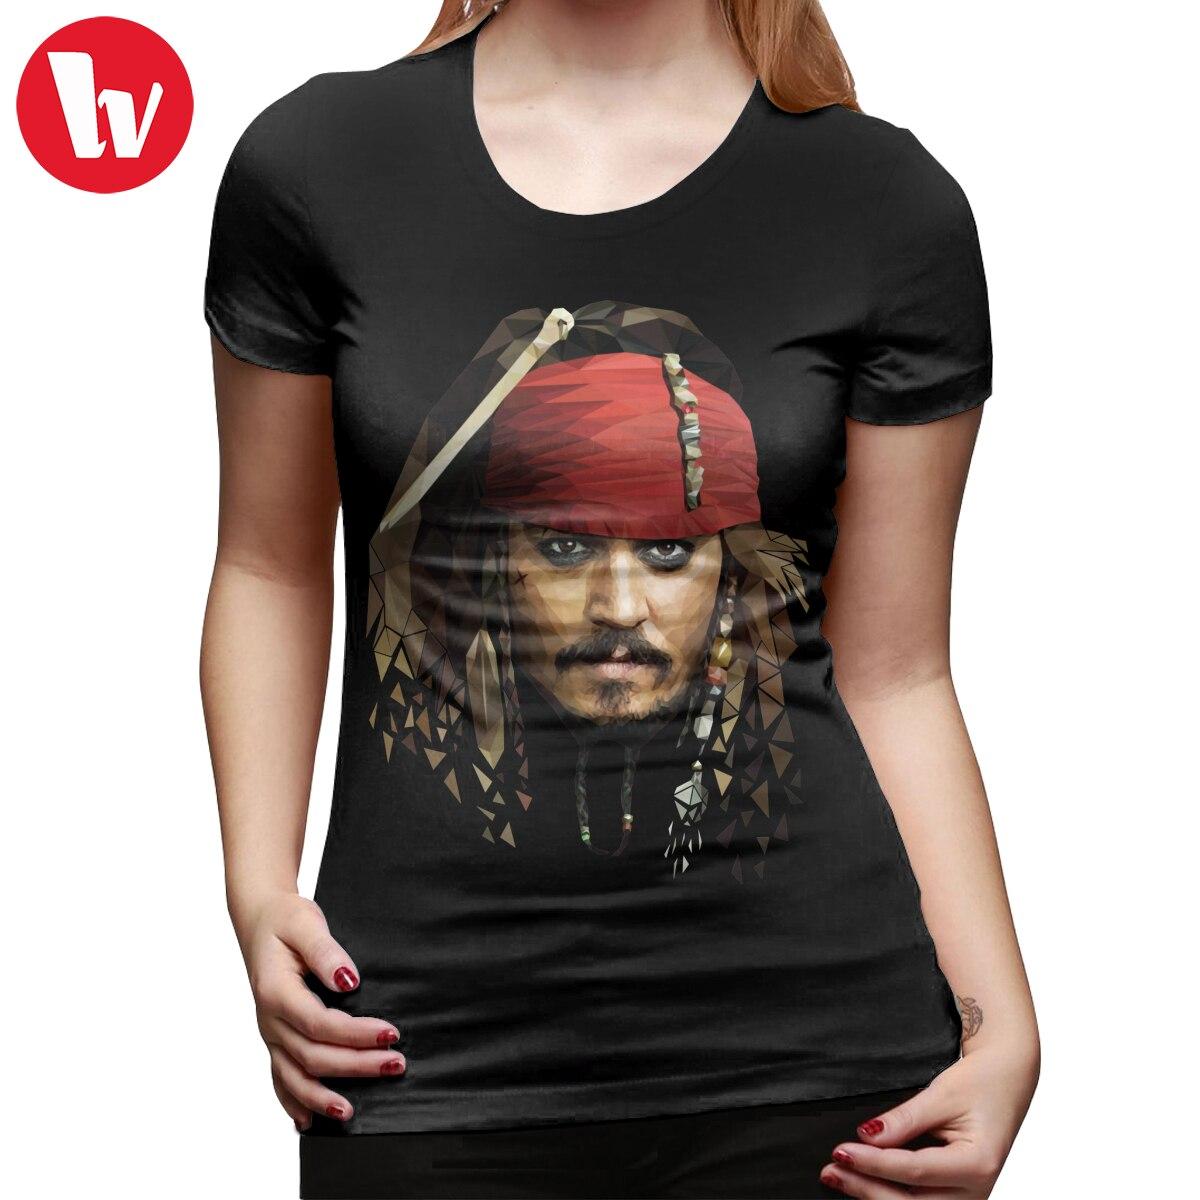 Jack sparrow camiseta capitão jack sparrow t camisa 100 algodão grande mulher tshirt impressão branca das senhoras camiseta